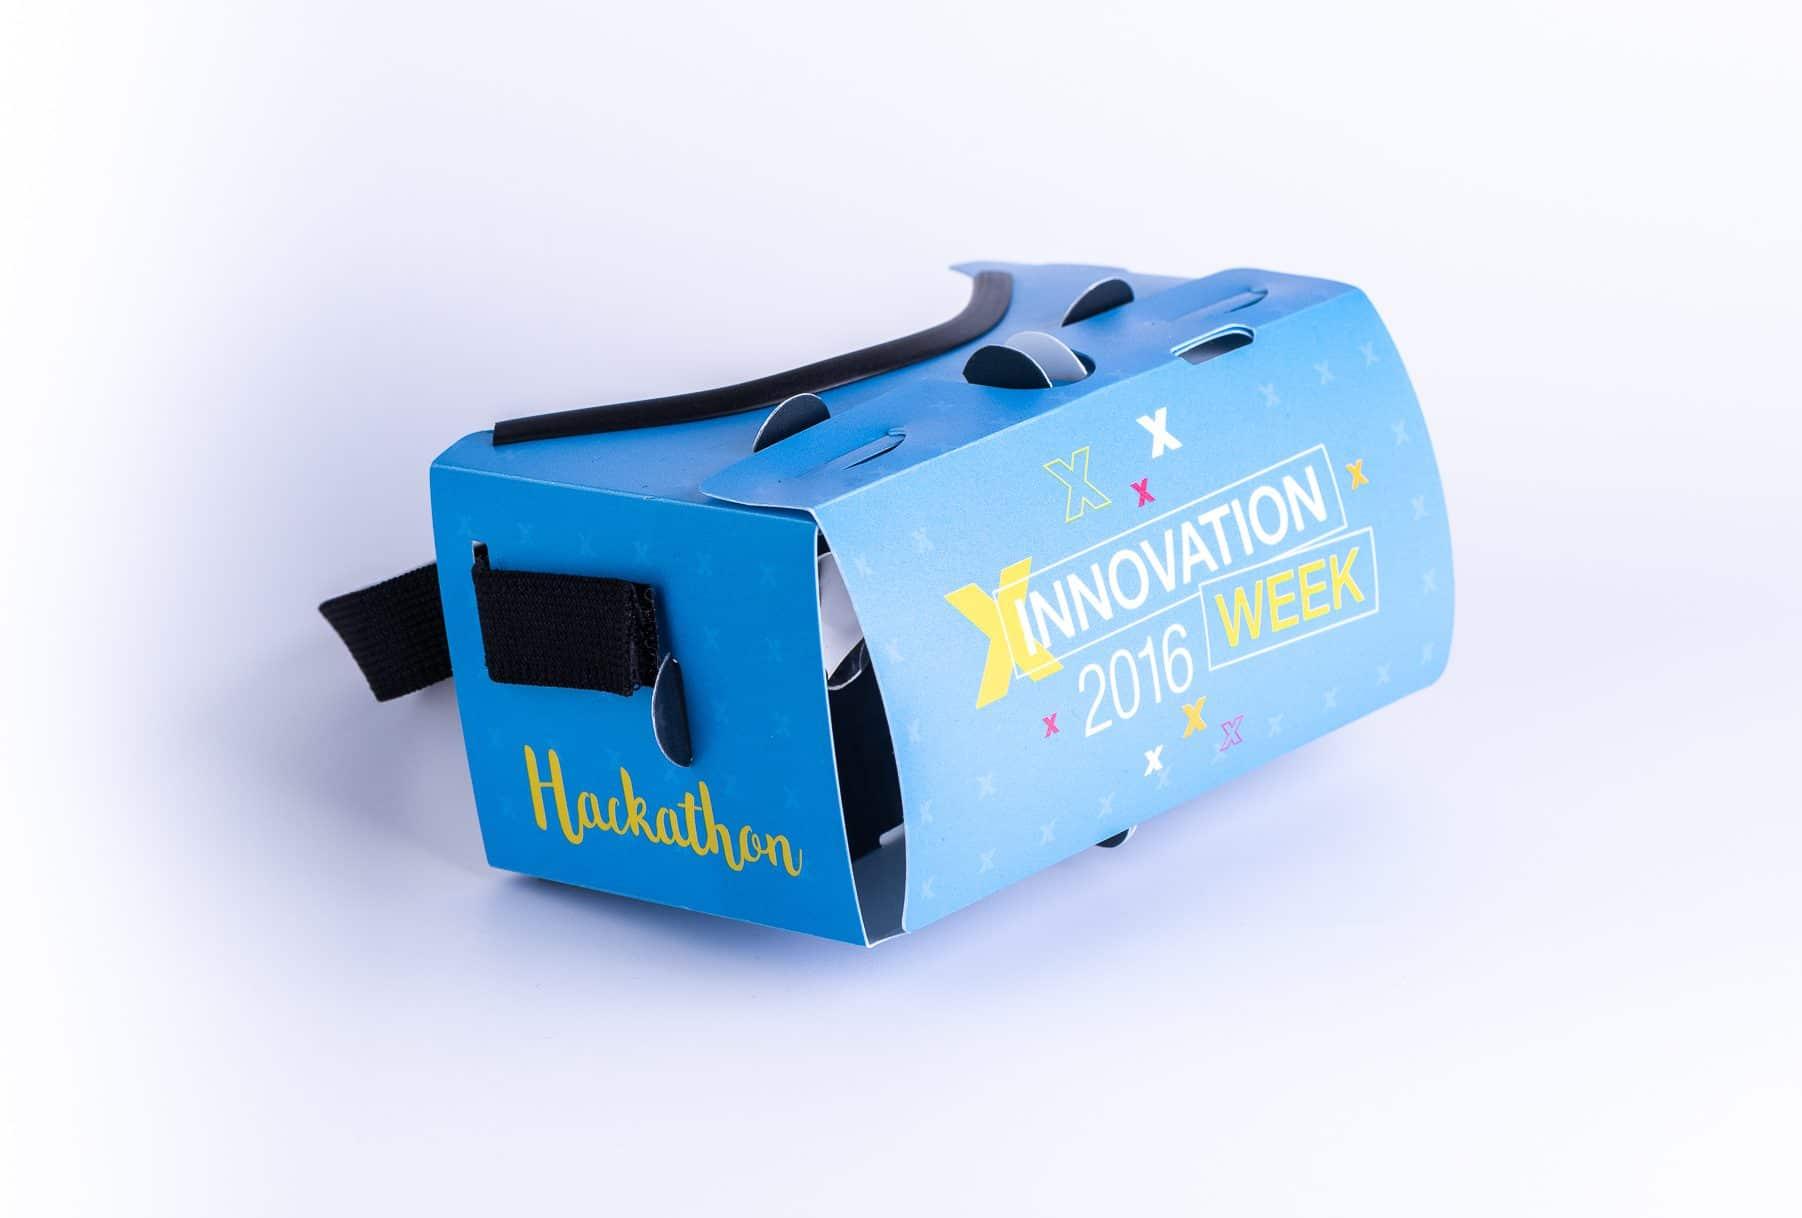 משקפי תלת מימד חדשני בצבע כחול שעשוי מקרטון וגומי